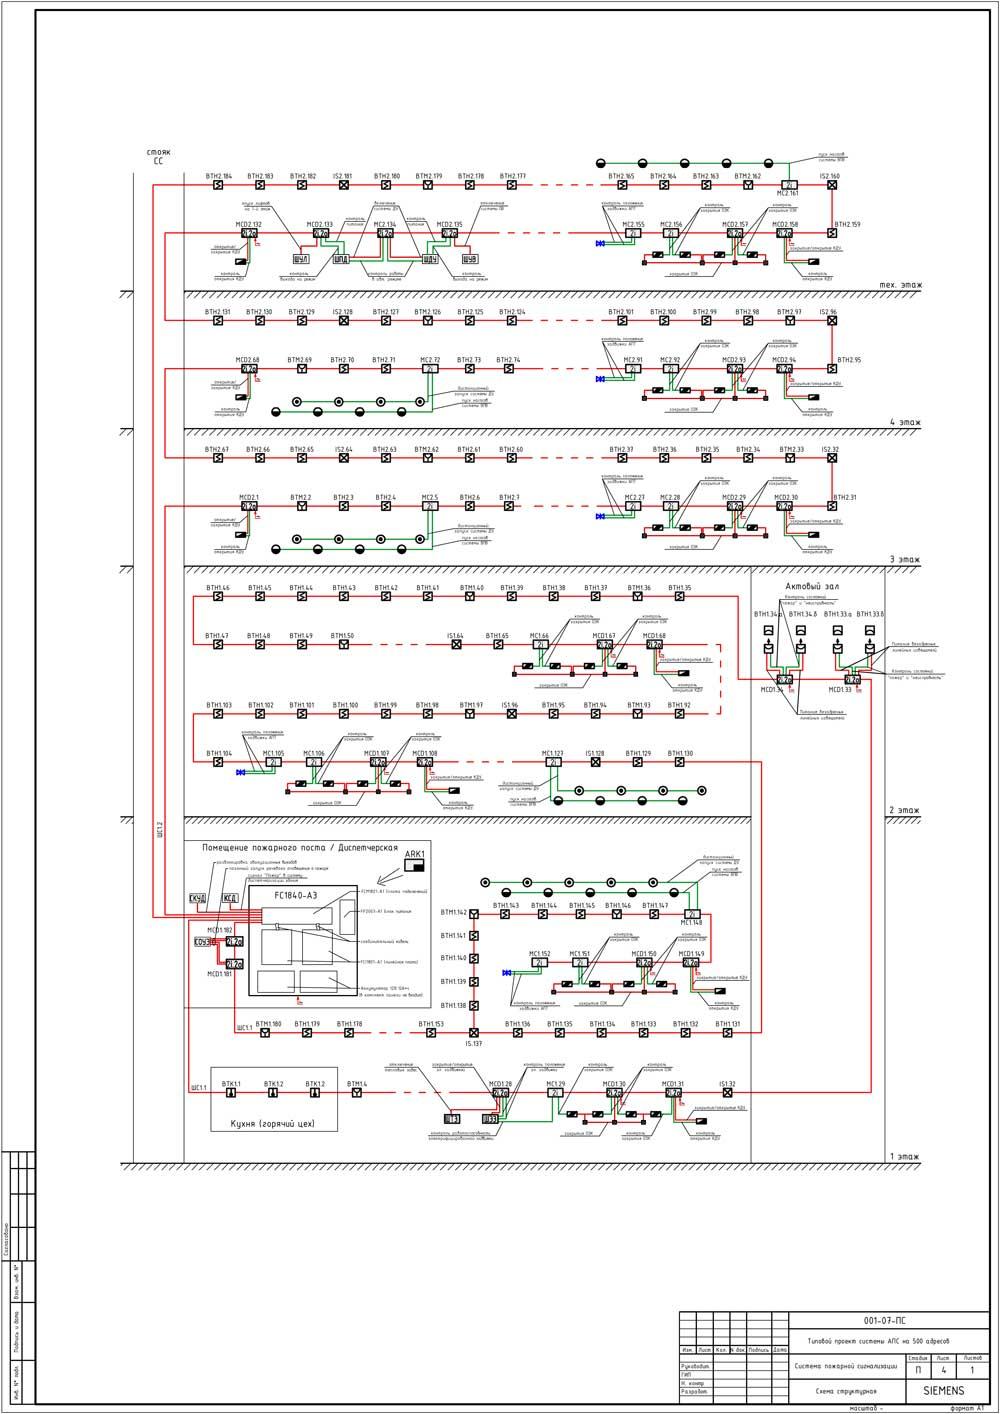 Структурная схема пожарной сигнализации